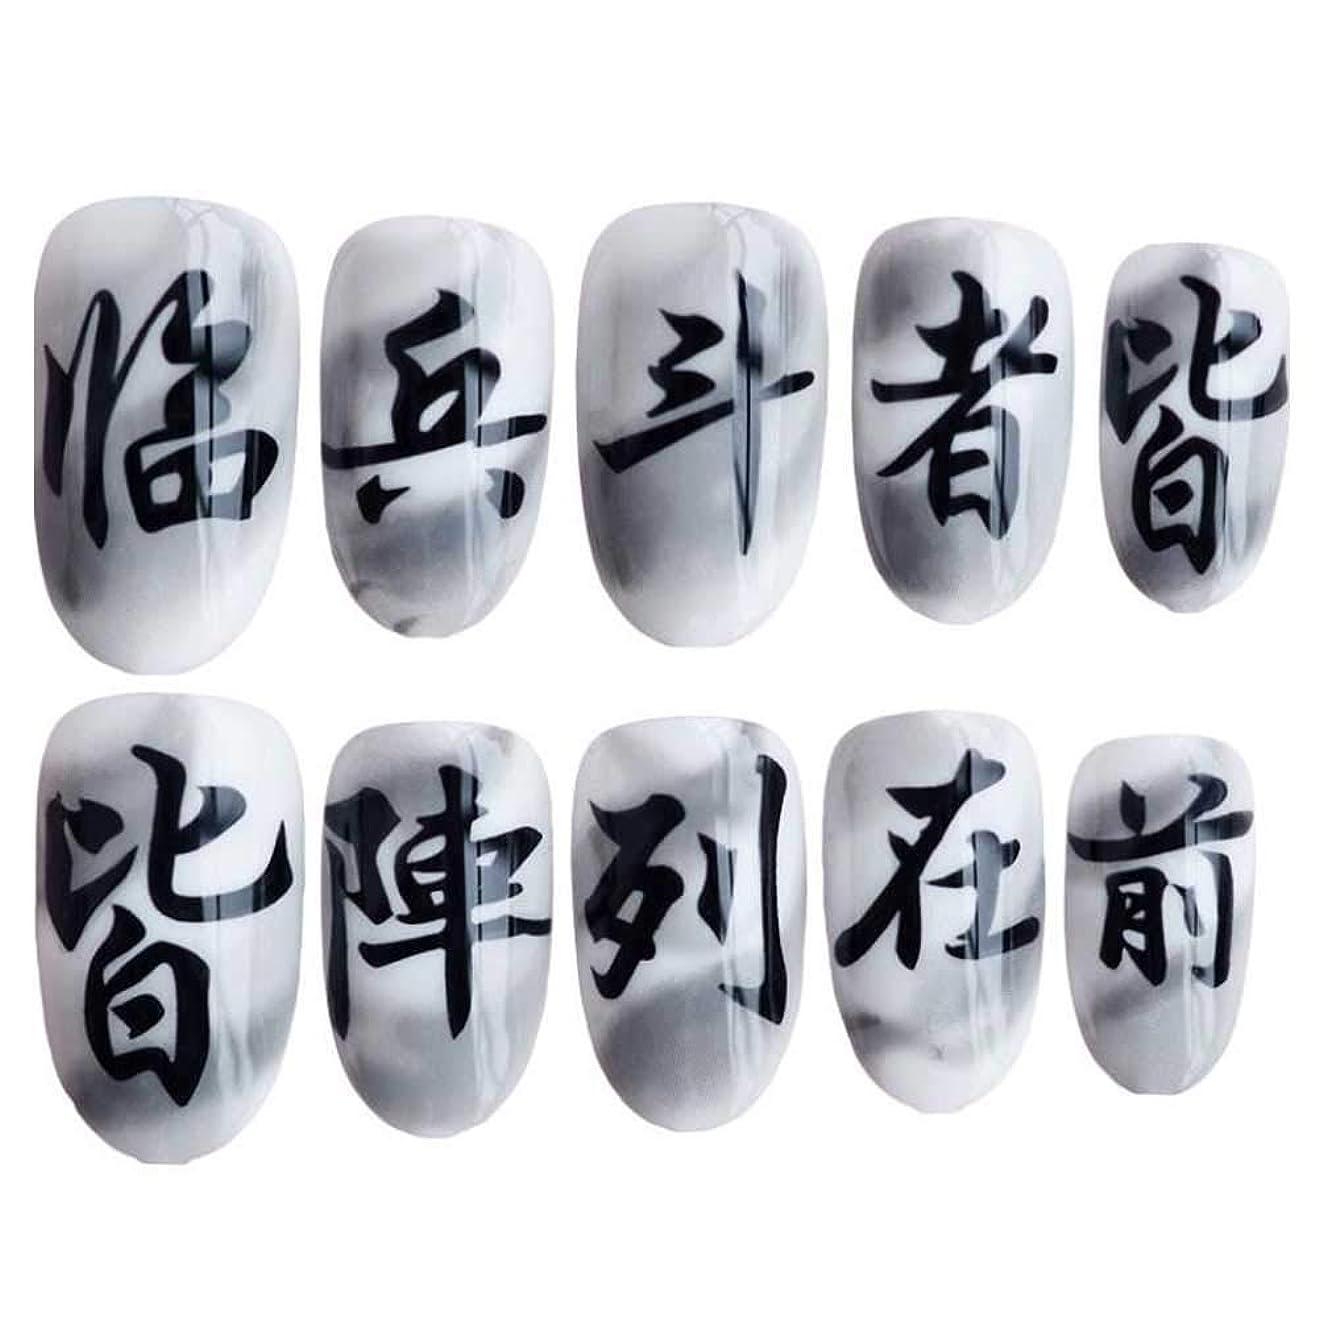 やけど部分的豊富に中国語文字灰色/白い偽爪爪人工爪装飾爪のヒント